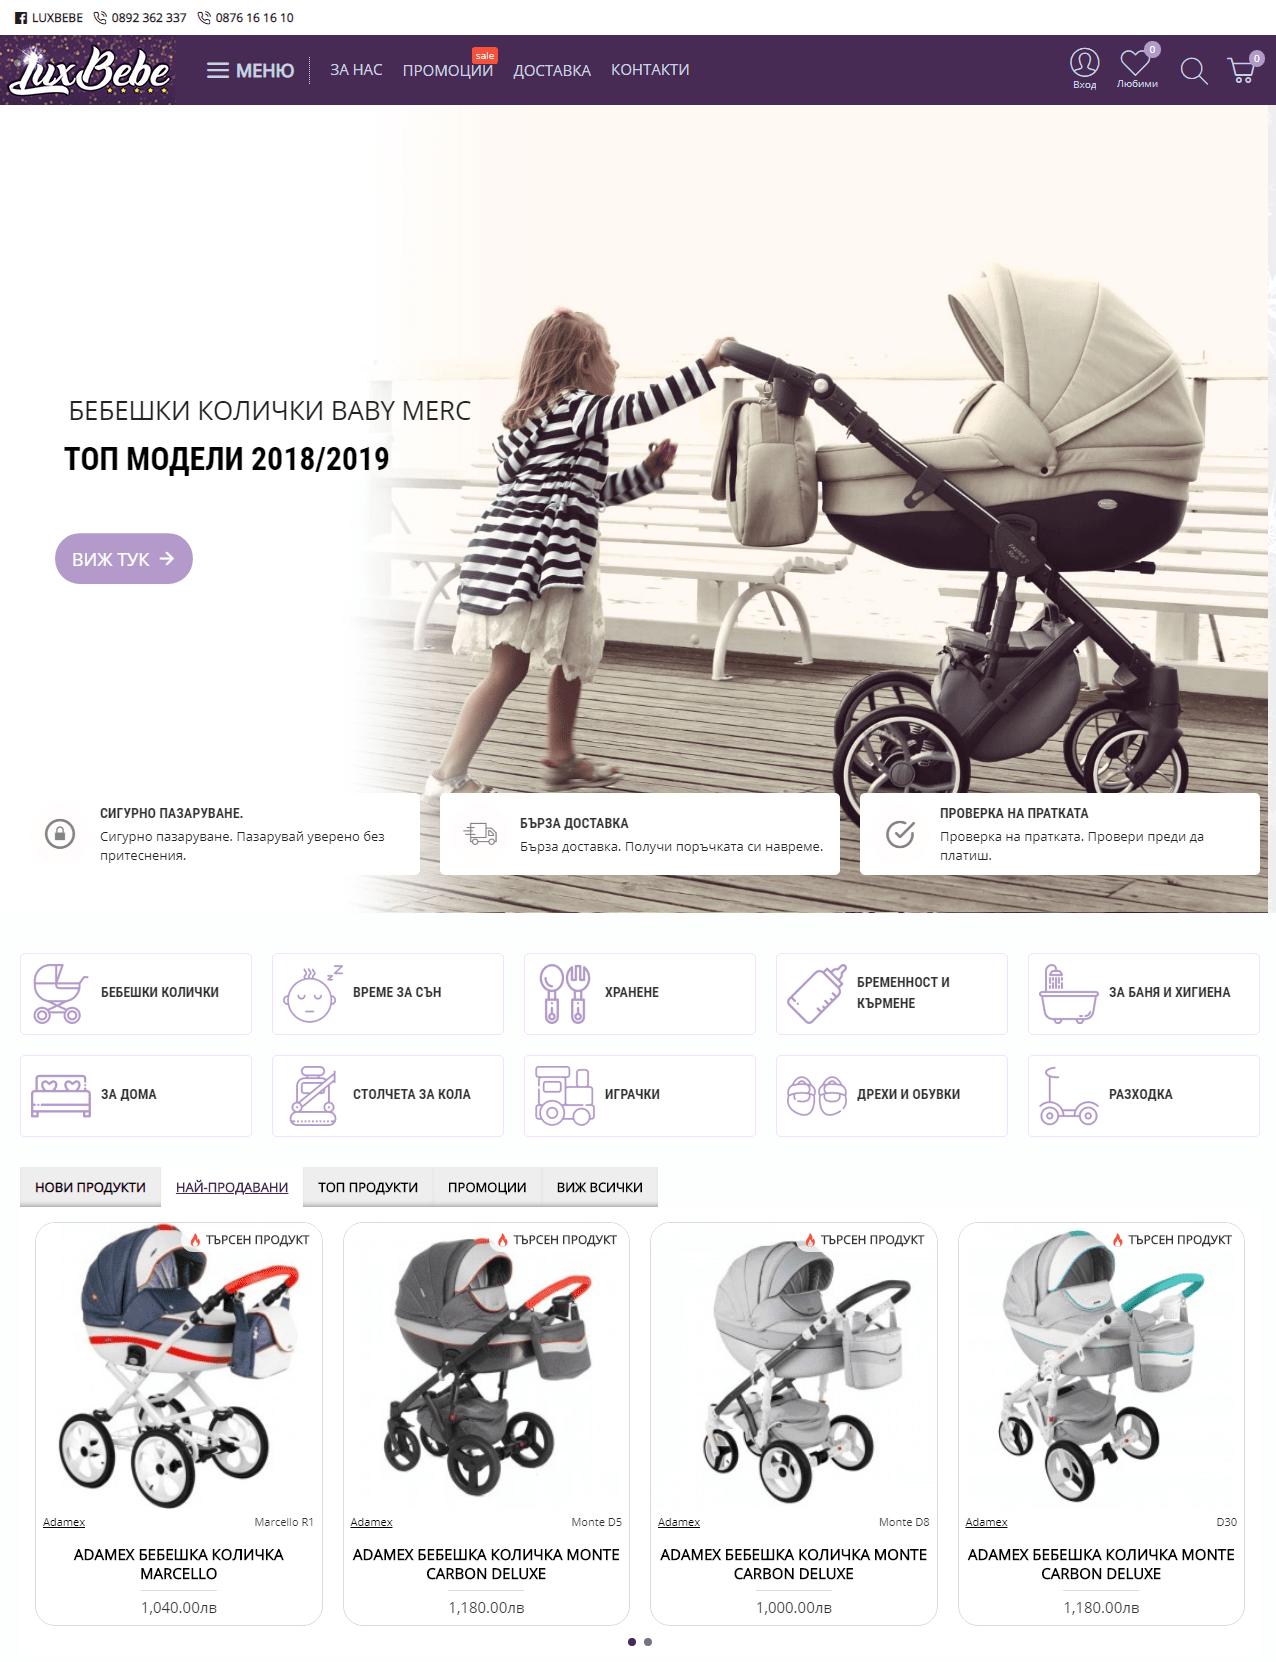 Luxbebe.bg - Онлайн магазин за детски колички и продукти